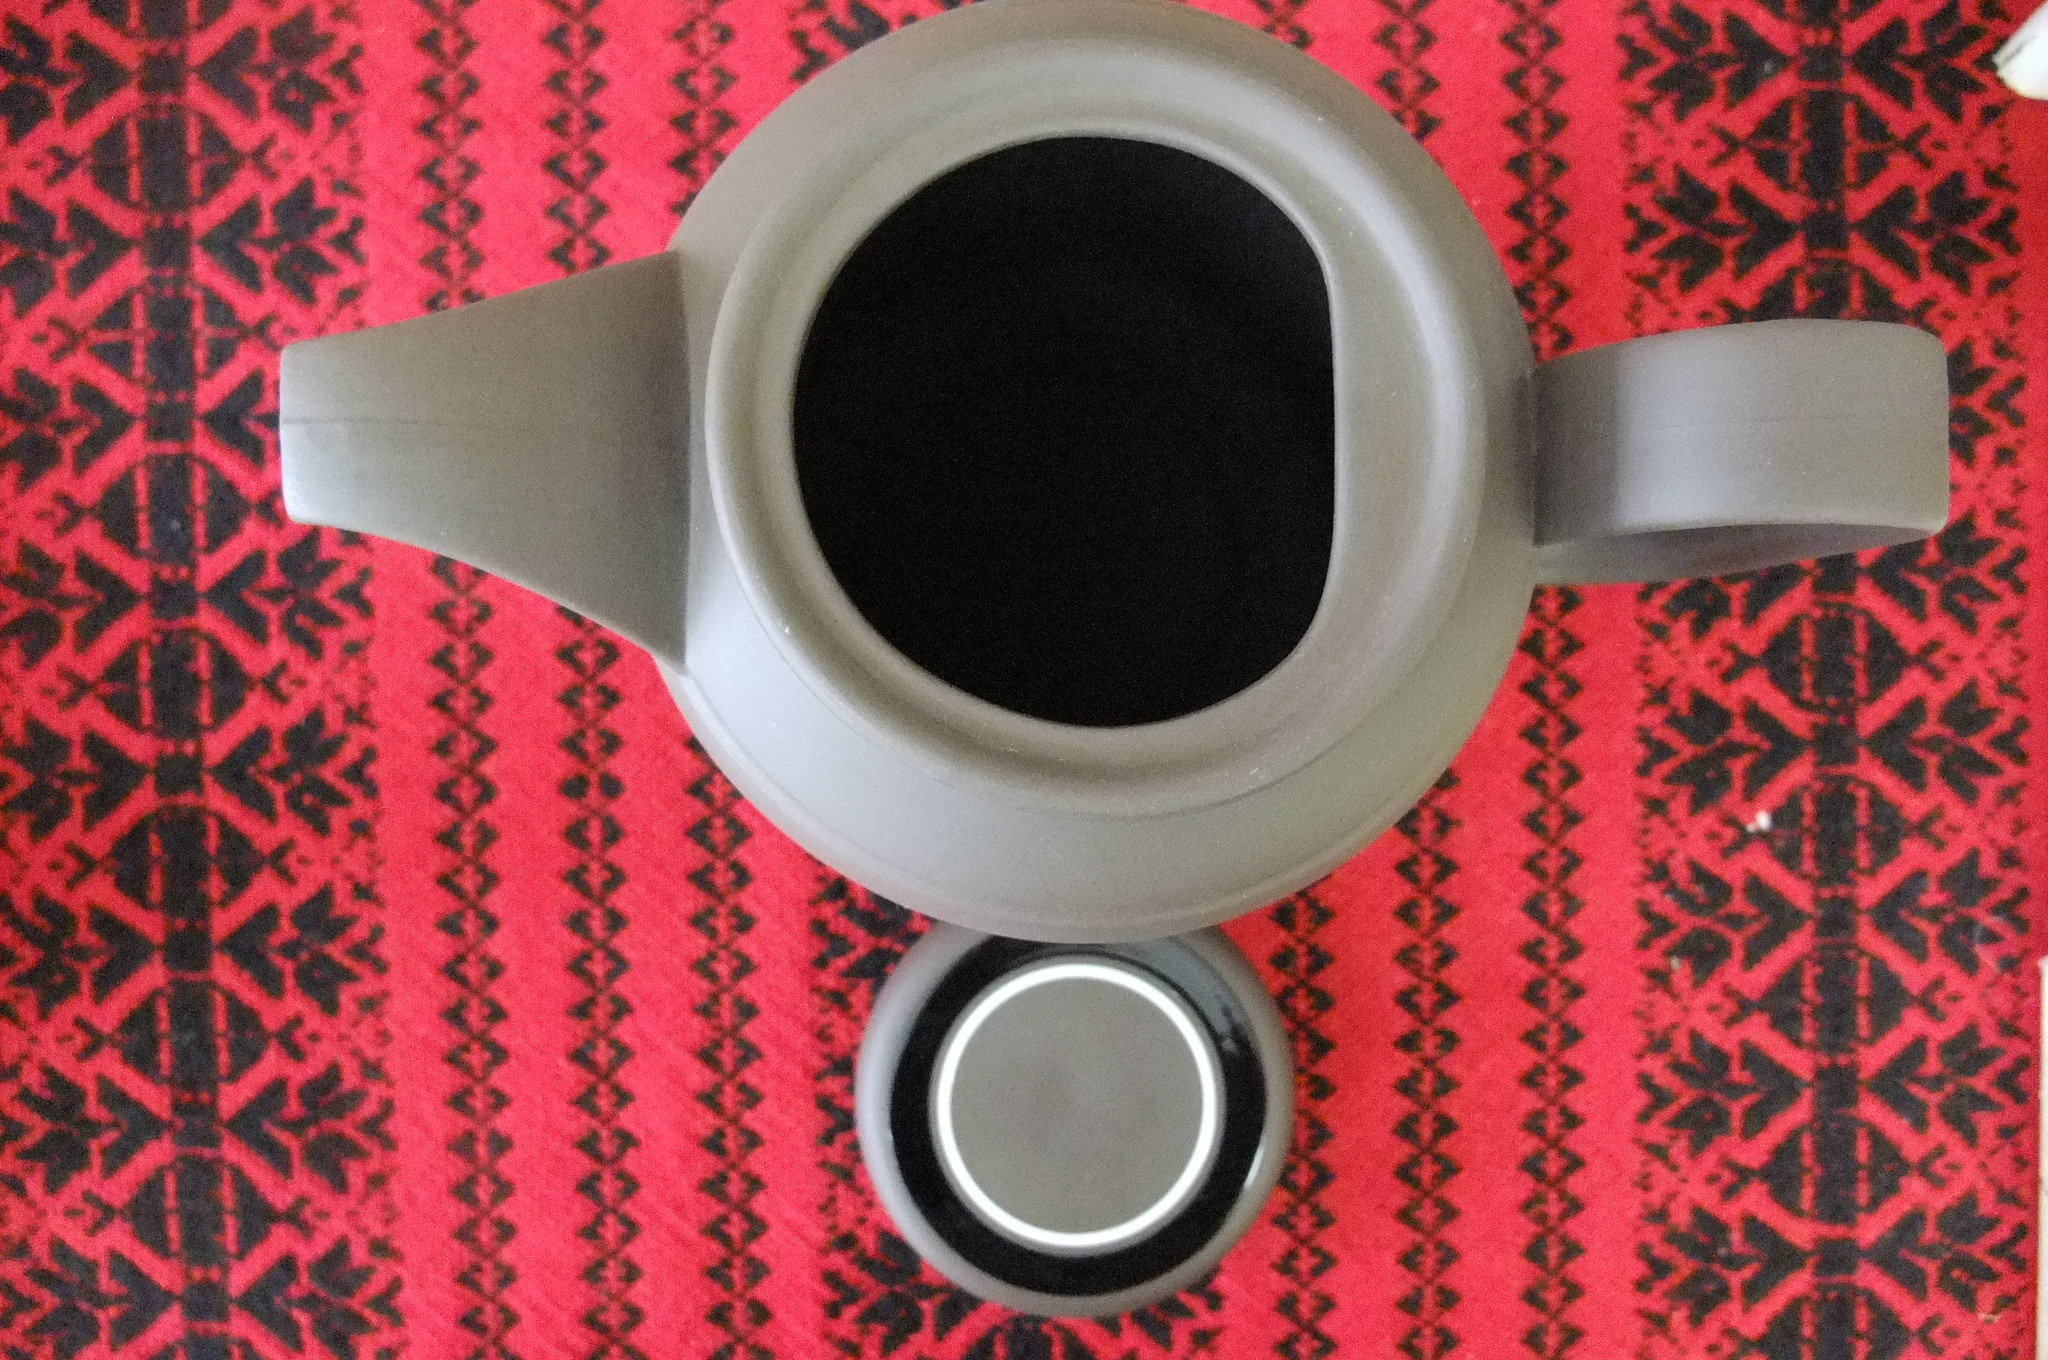 イギリス★ホーンジー★コントラストのコーヒーポット